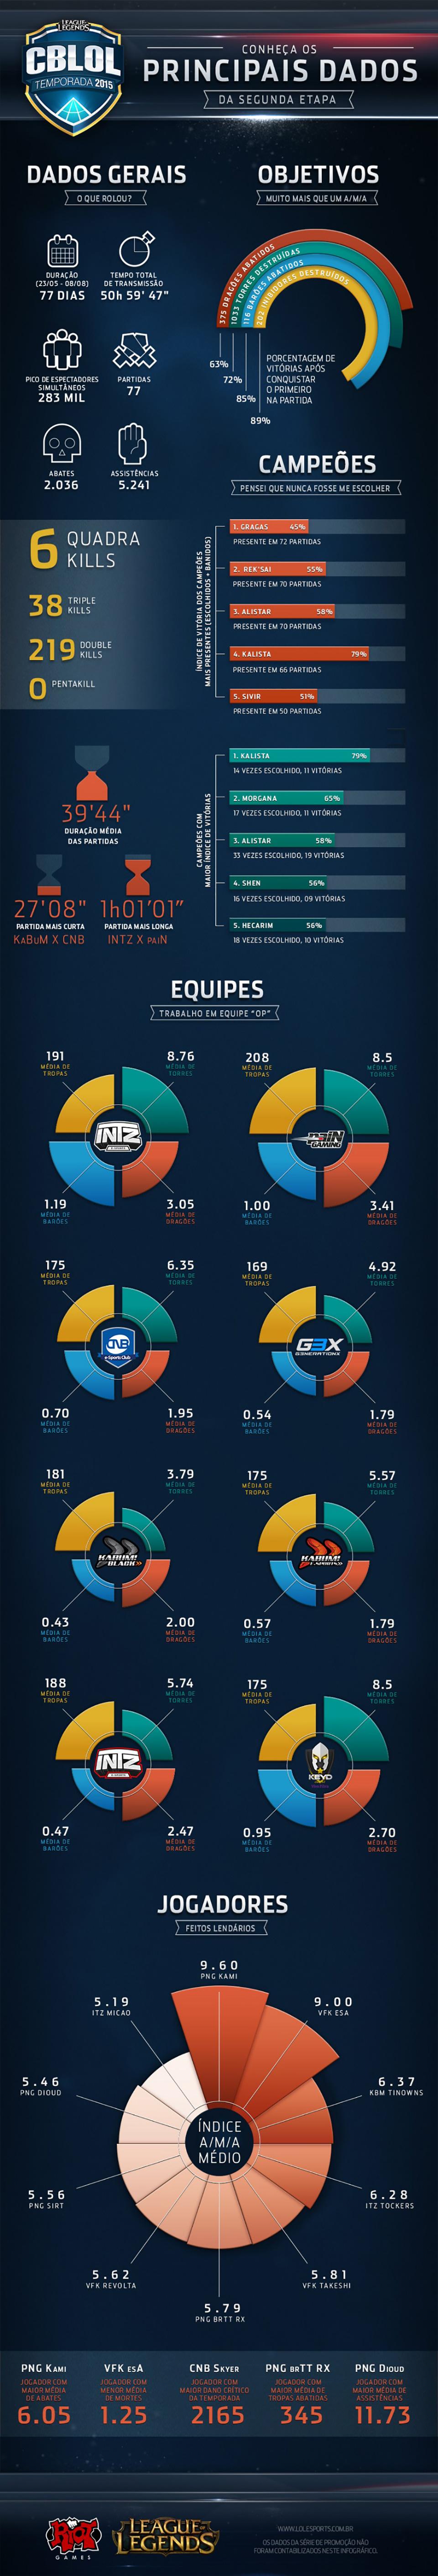 Confira as estatísticas da segunda etapa do CBLoL 2015 [infográfico]